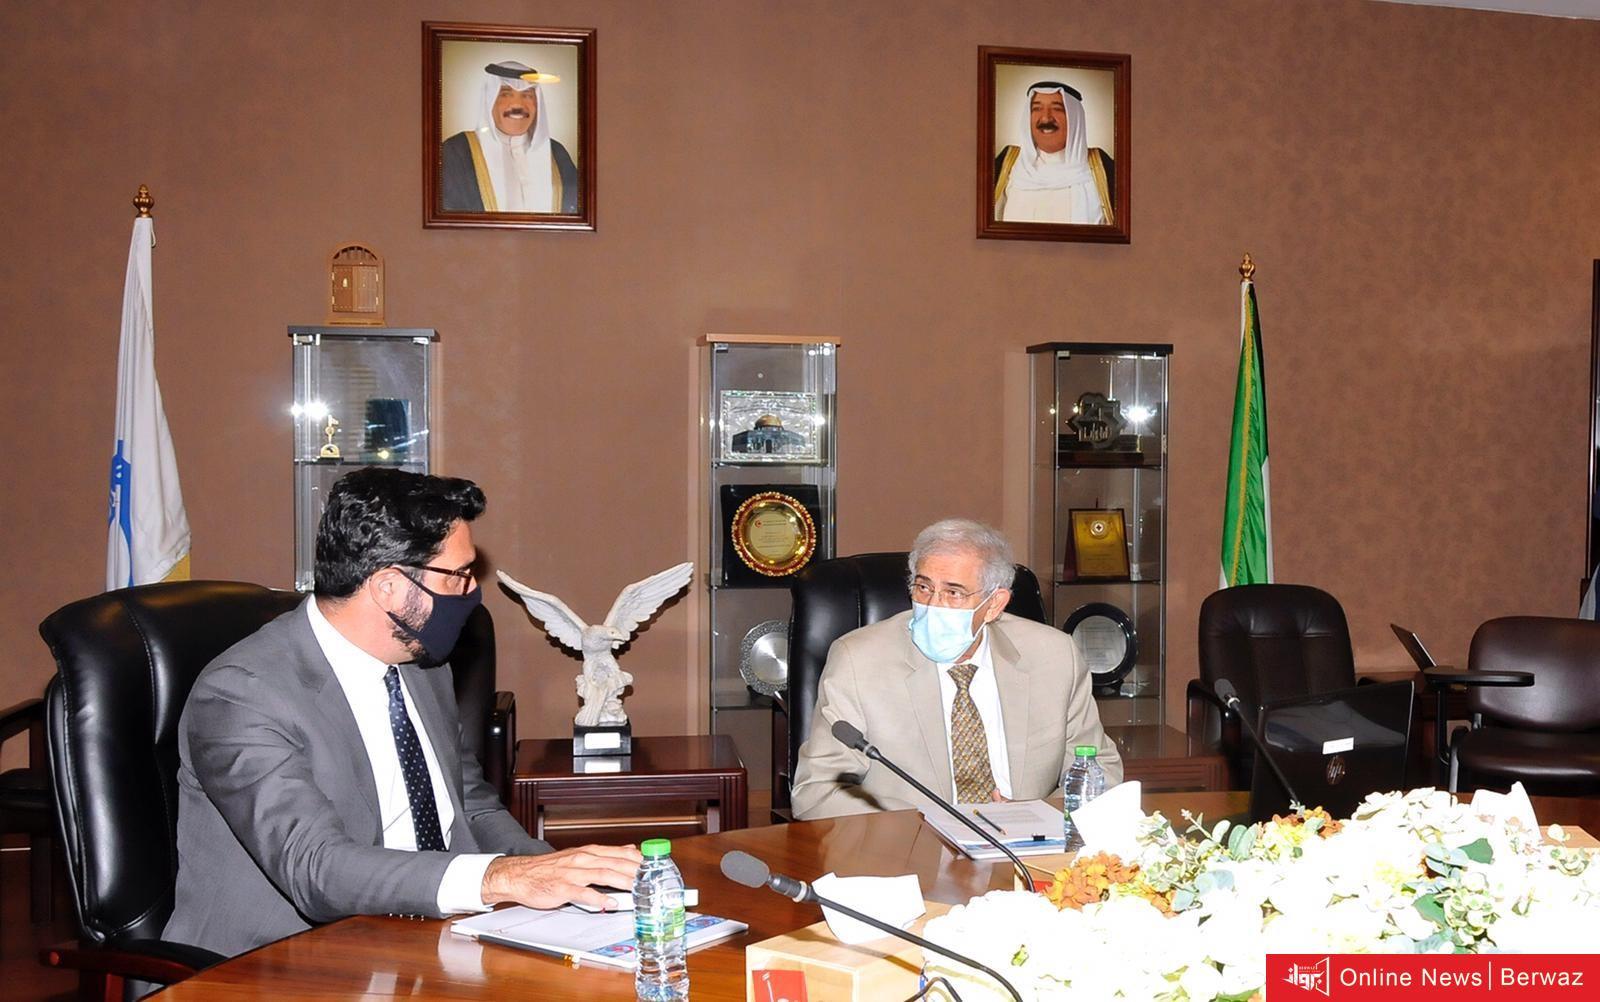 5228a785 d9a2 490d 8cd1 50bc5e9f057a - 130 ألف دولار أمريكي من الهيئة الخيرية الإسلامية العالمية ضمن حملة (الكويت بجانبكم) لإعادة إعمار مرفأ بيروت